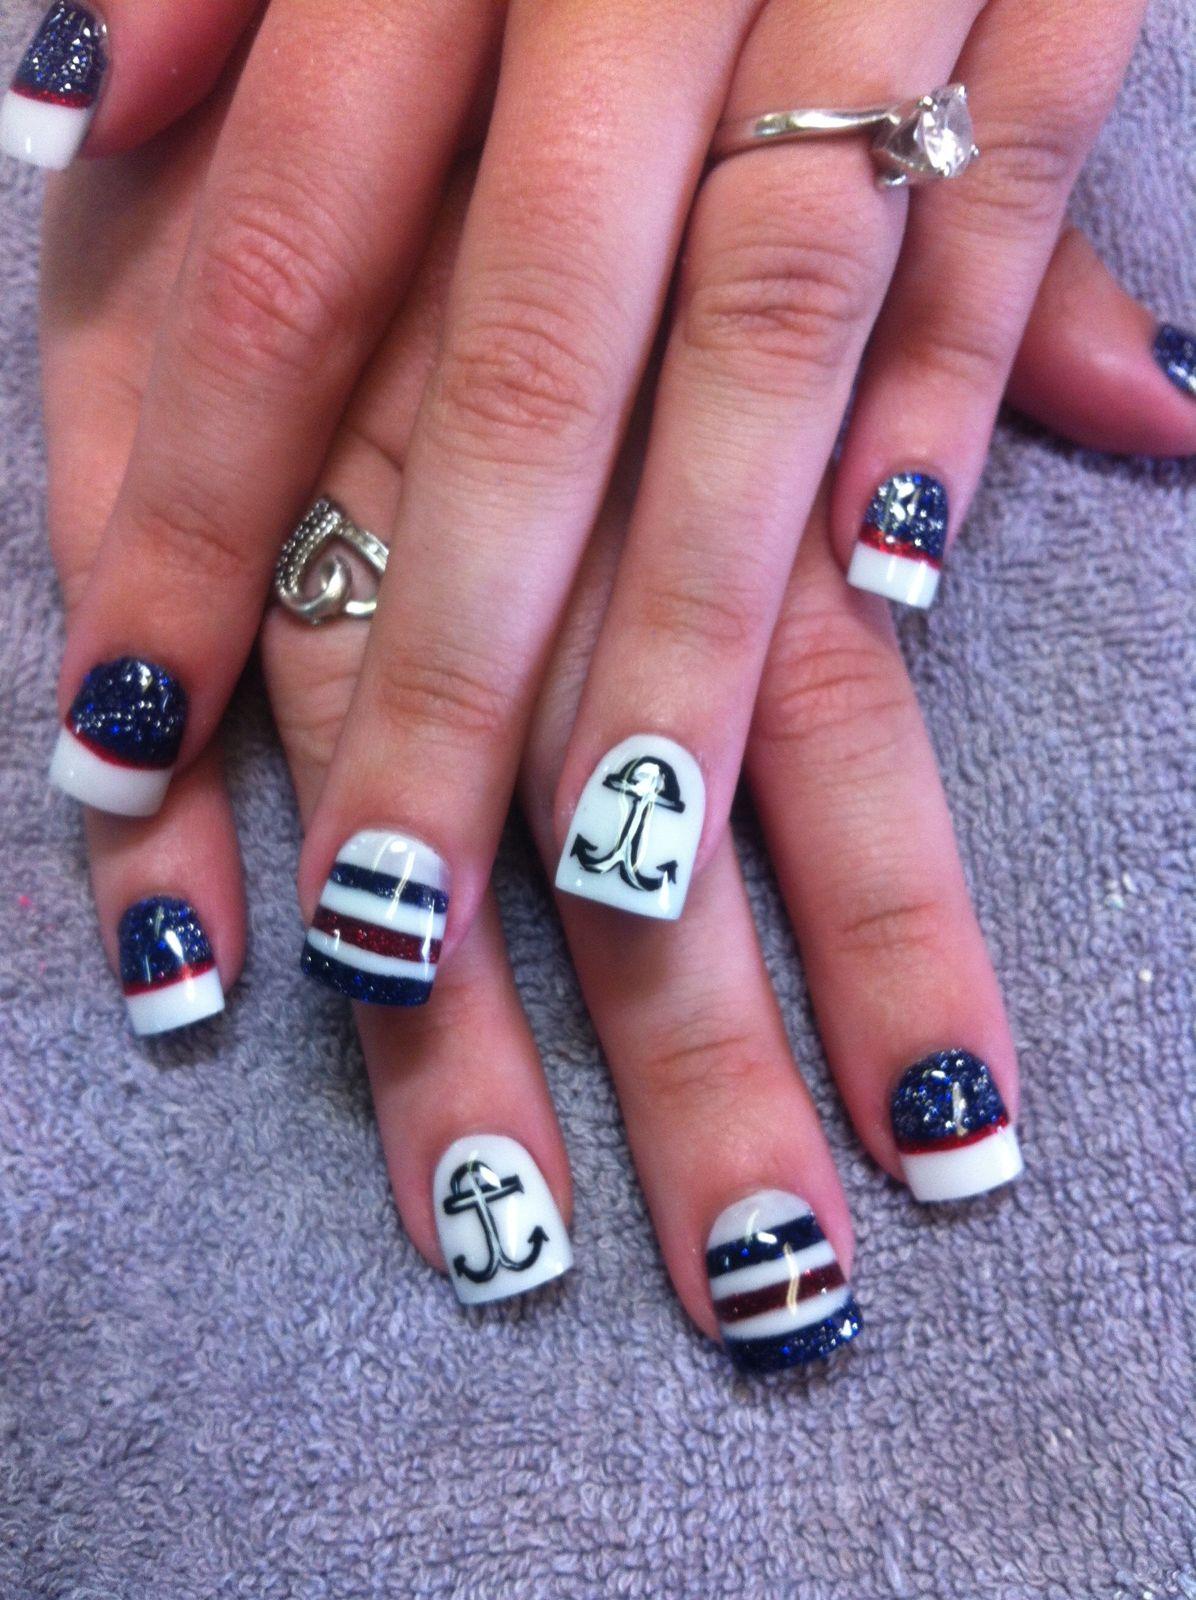 Anchor Nail Design by Cathy L at Chi Chis Nail Salon | Nails ...